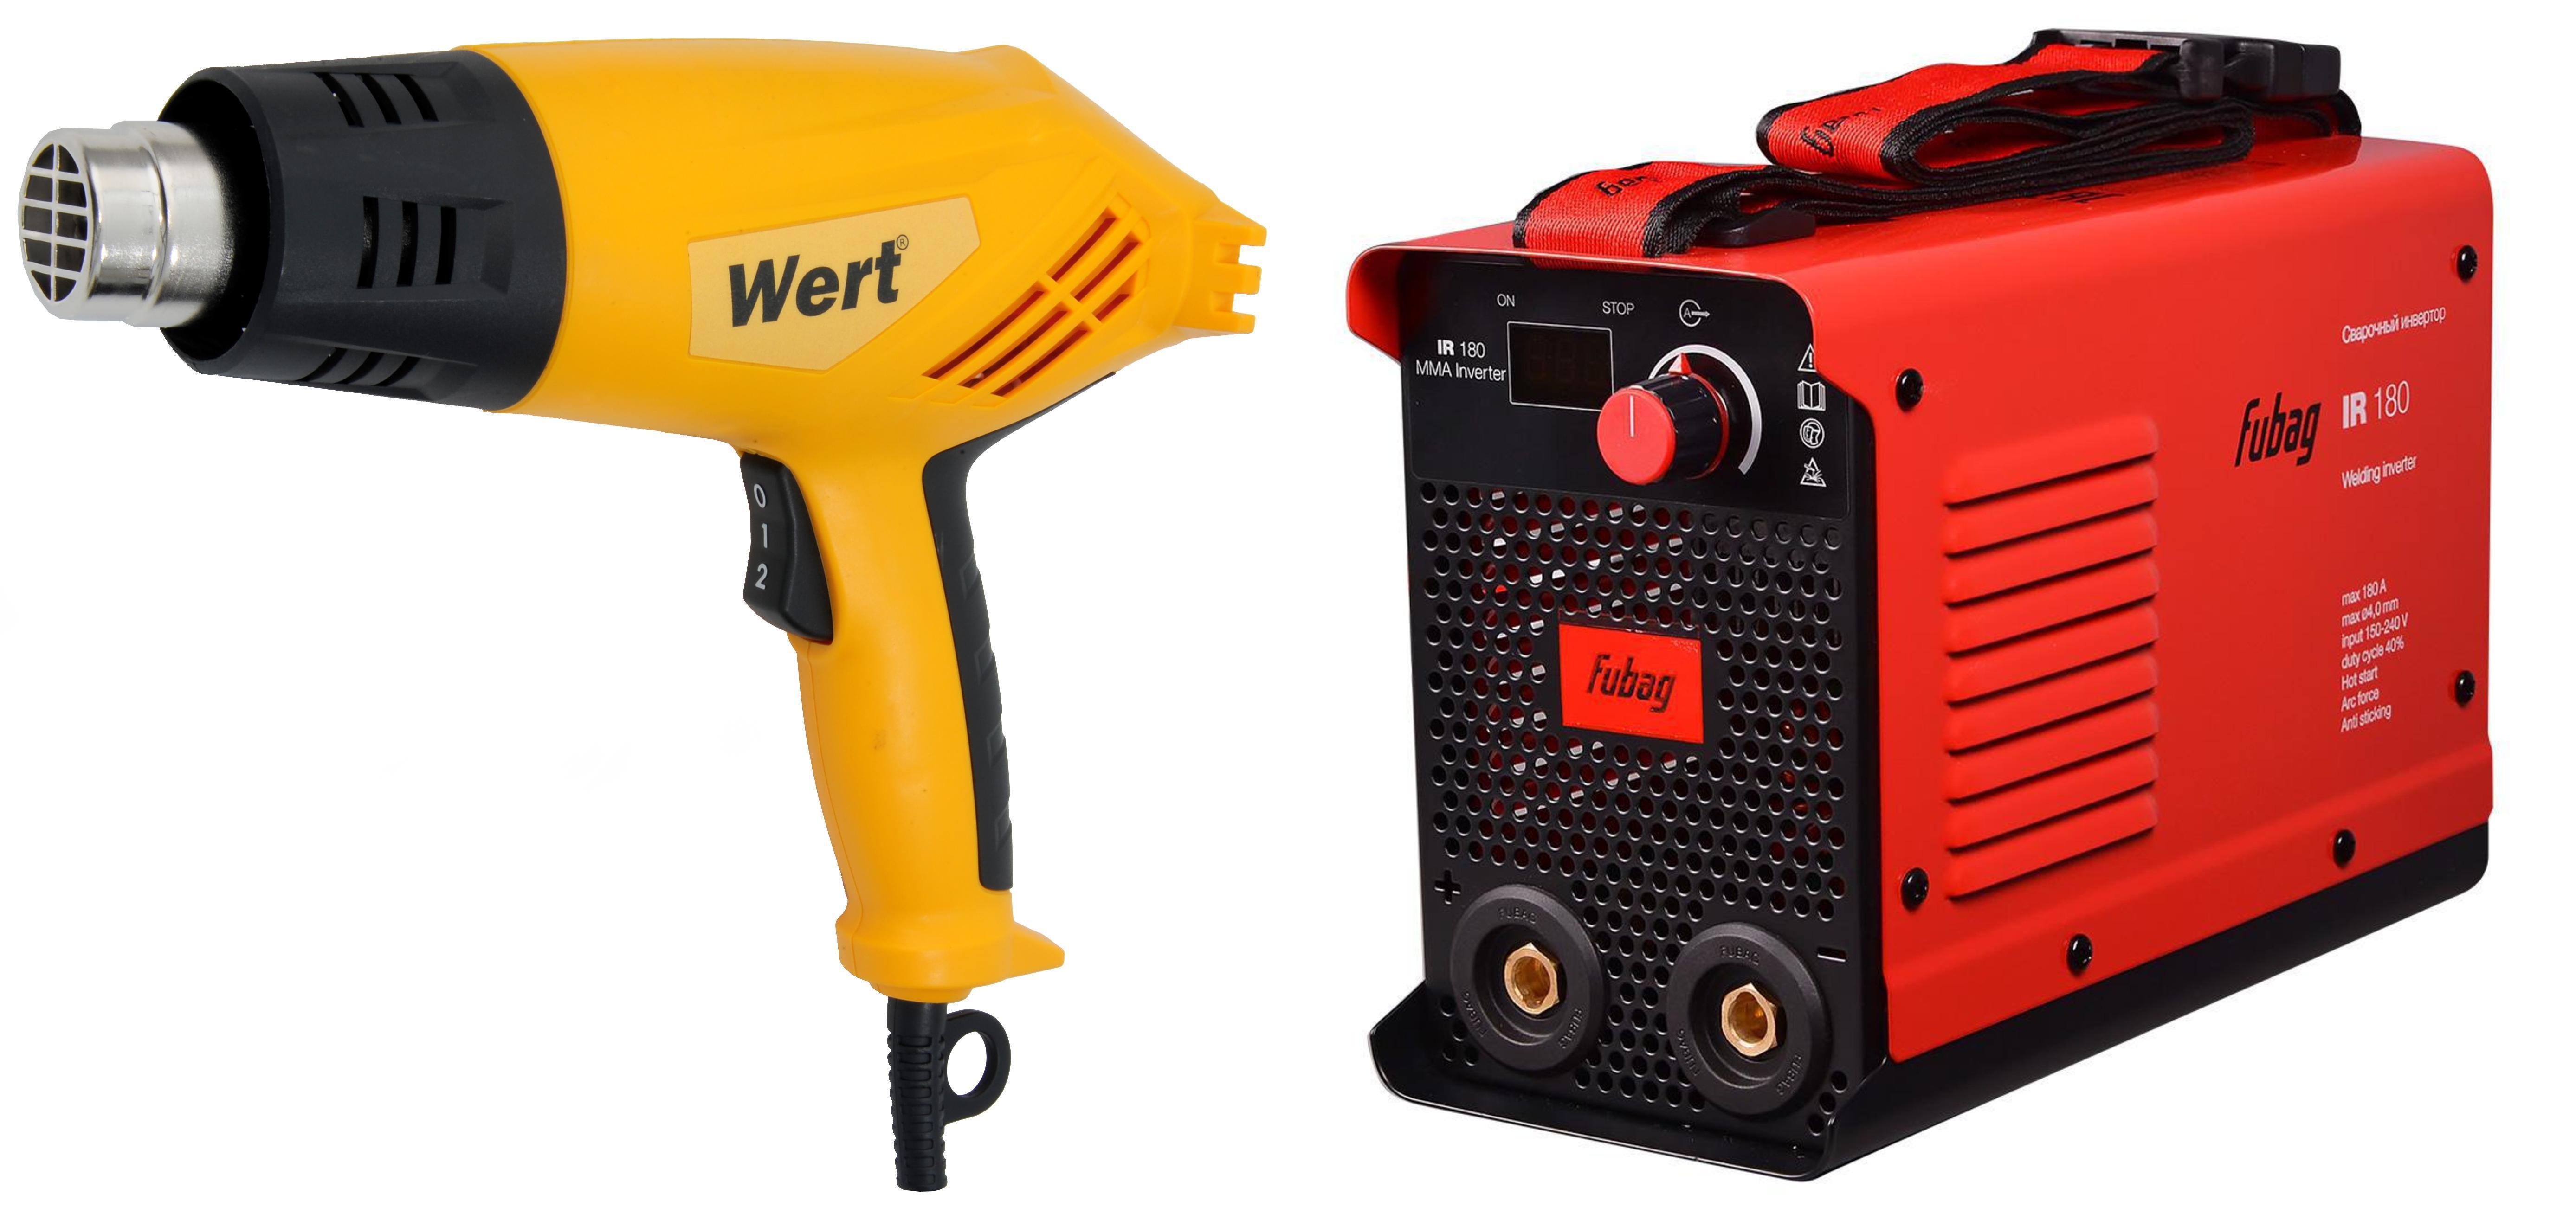 Набор Fubag Сварочный аппарат ir 180 (31402) +Фен технический ehg 1800